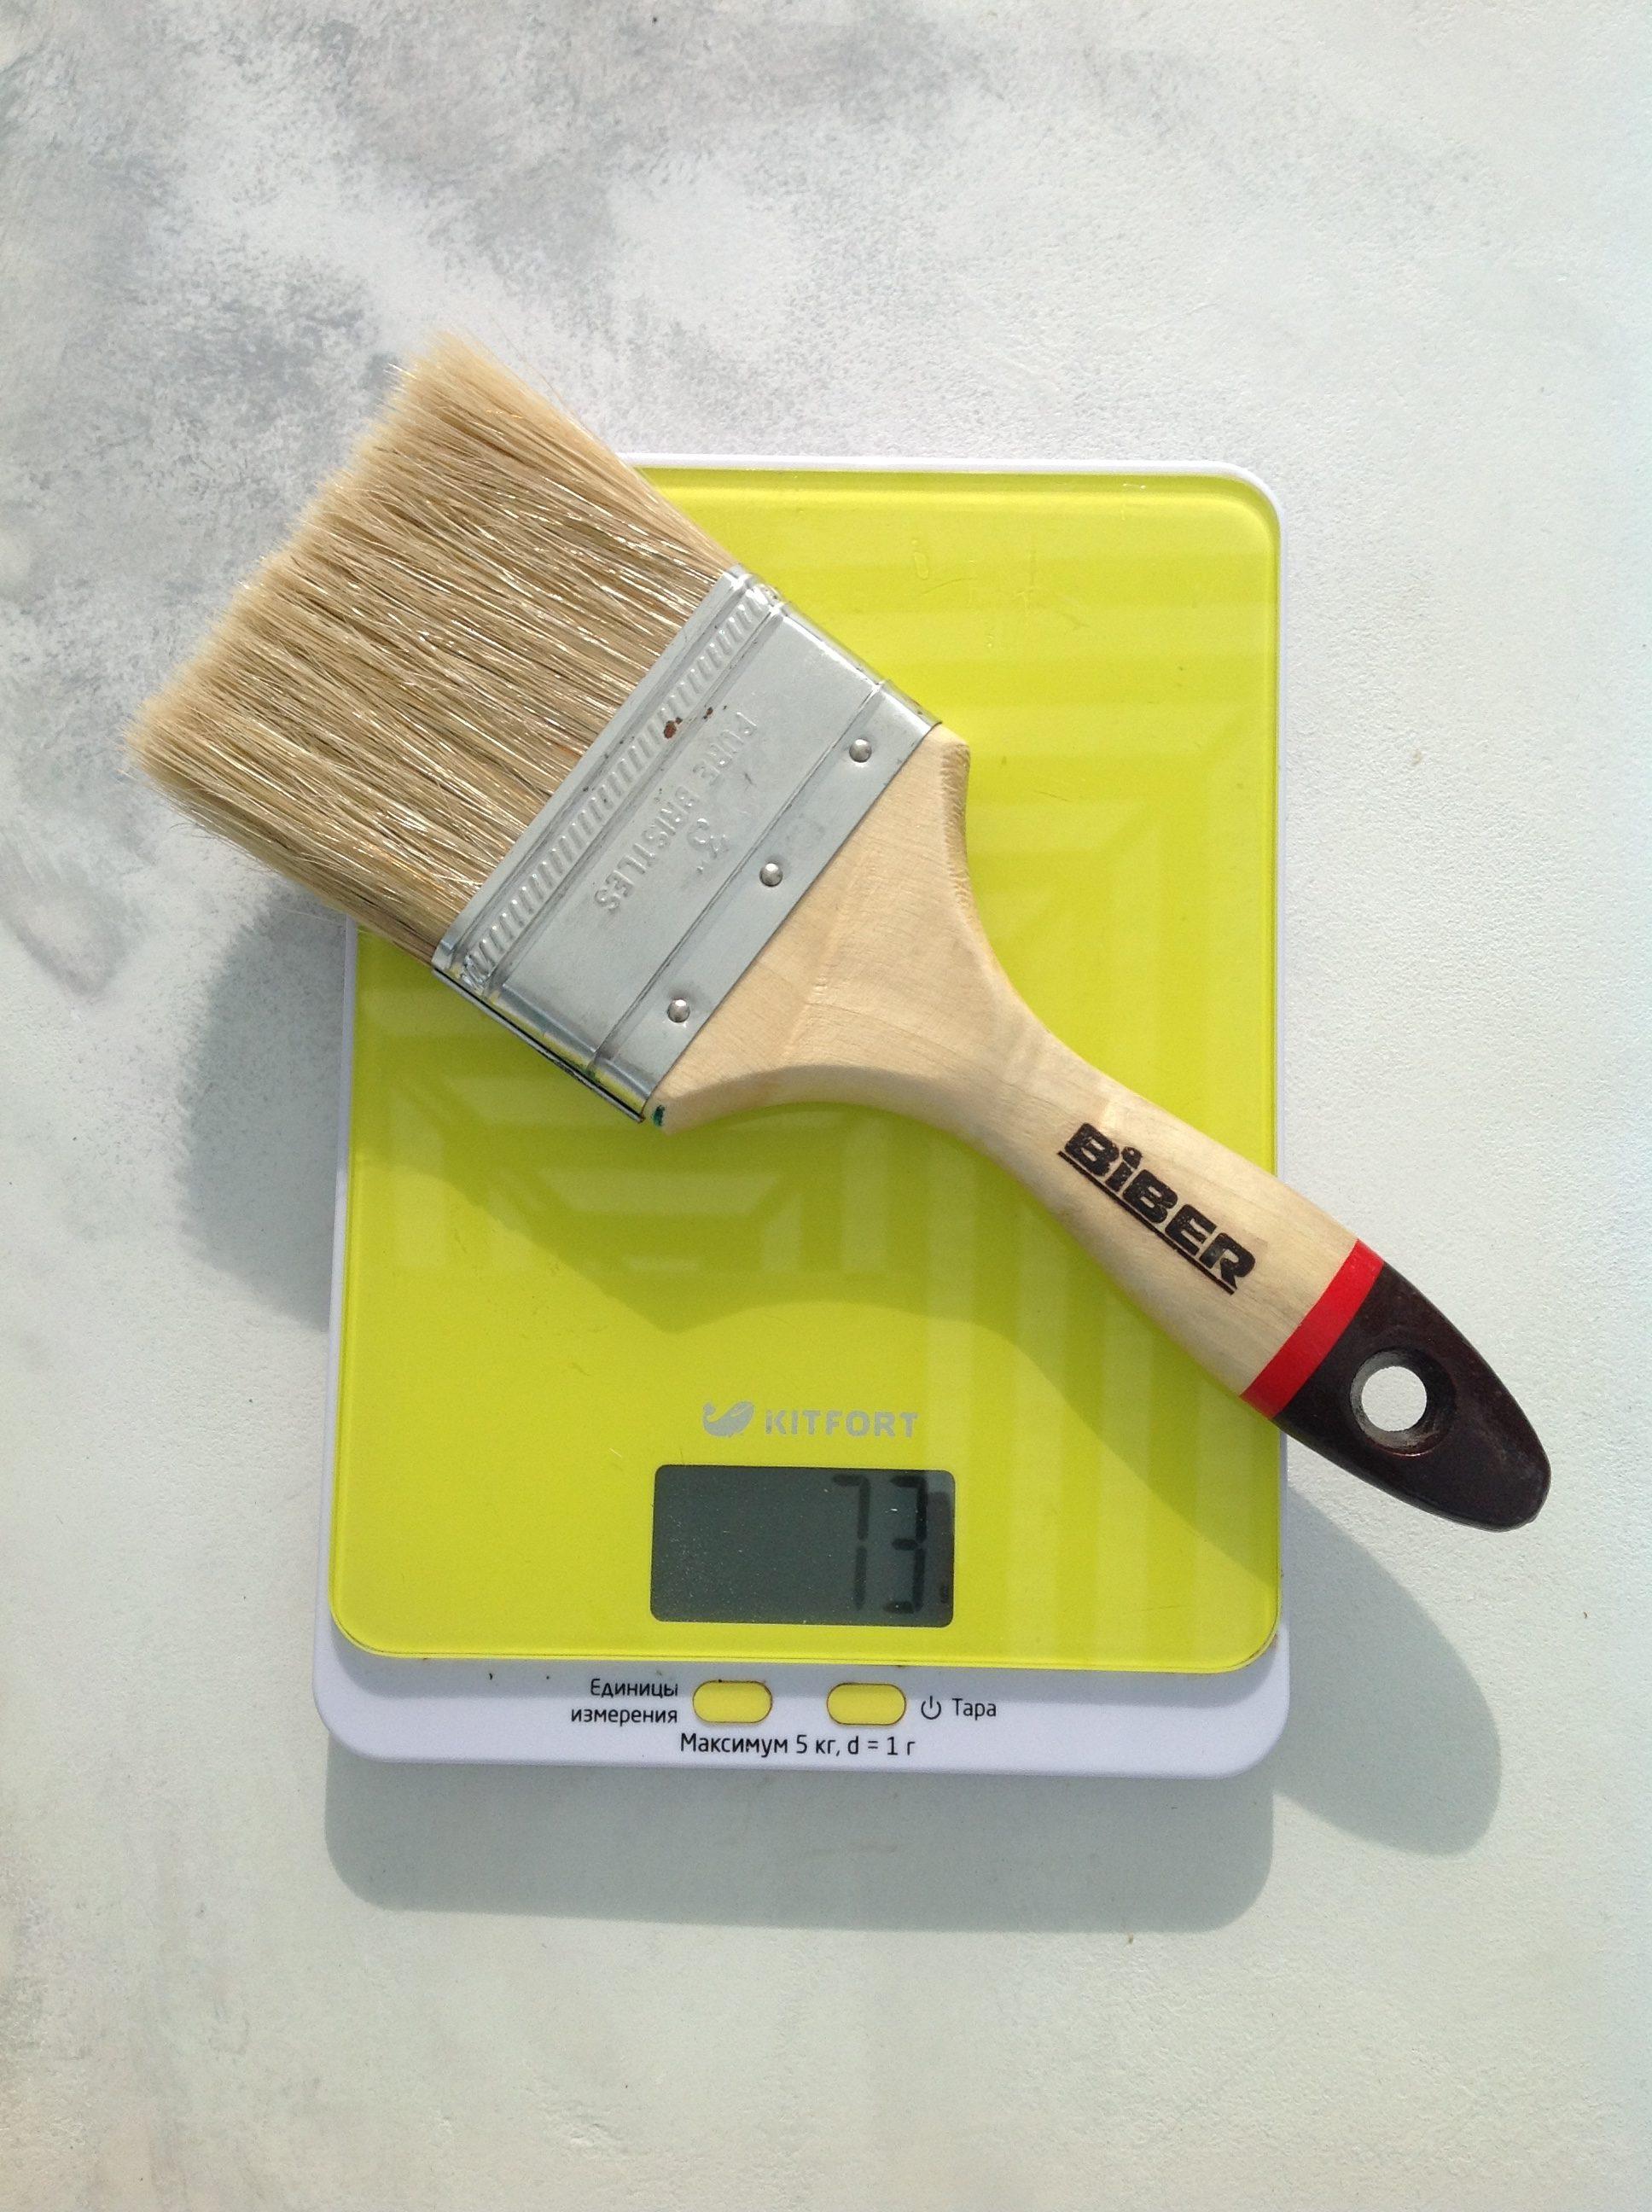 вес кисти малярной большой